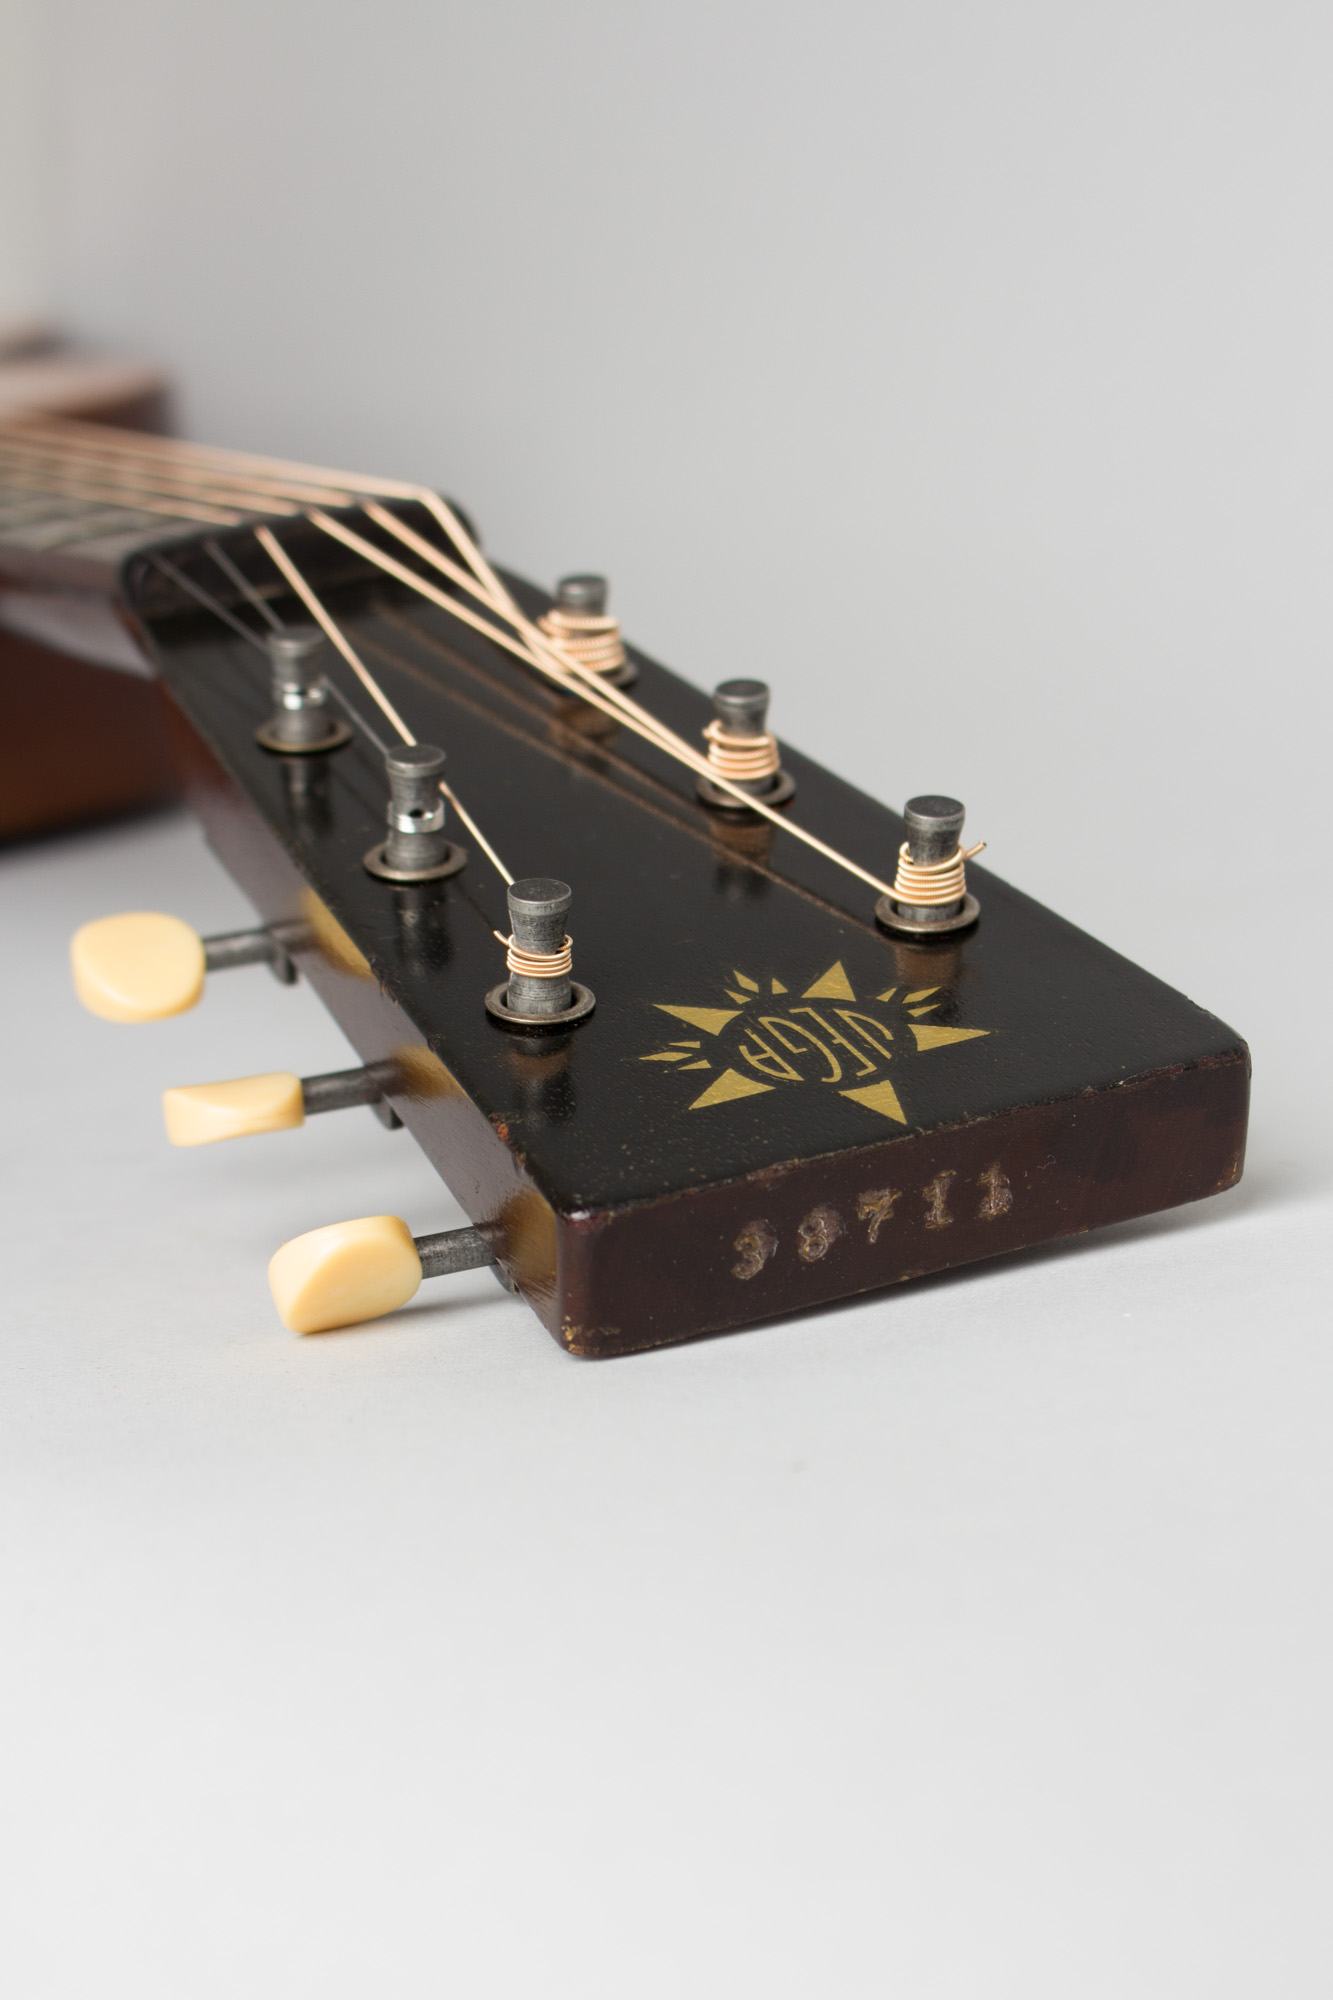 Vega guitar serial numbers